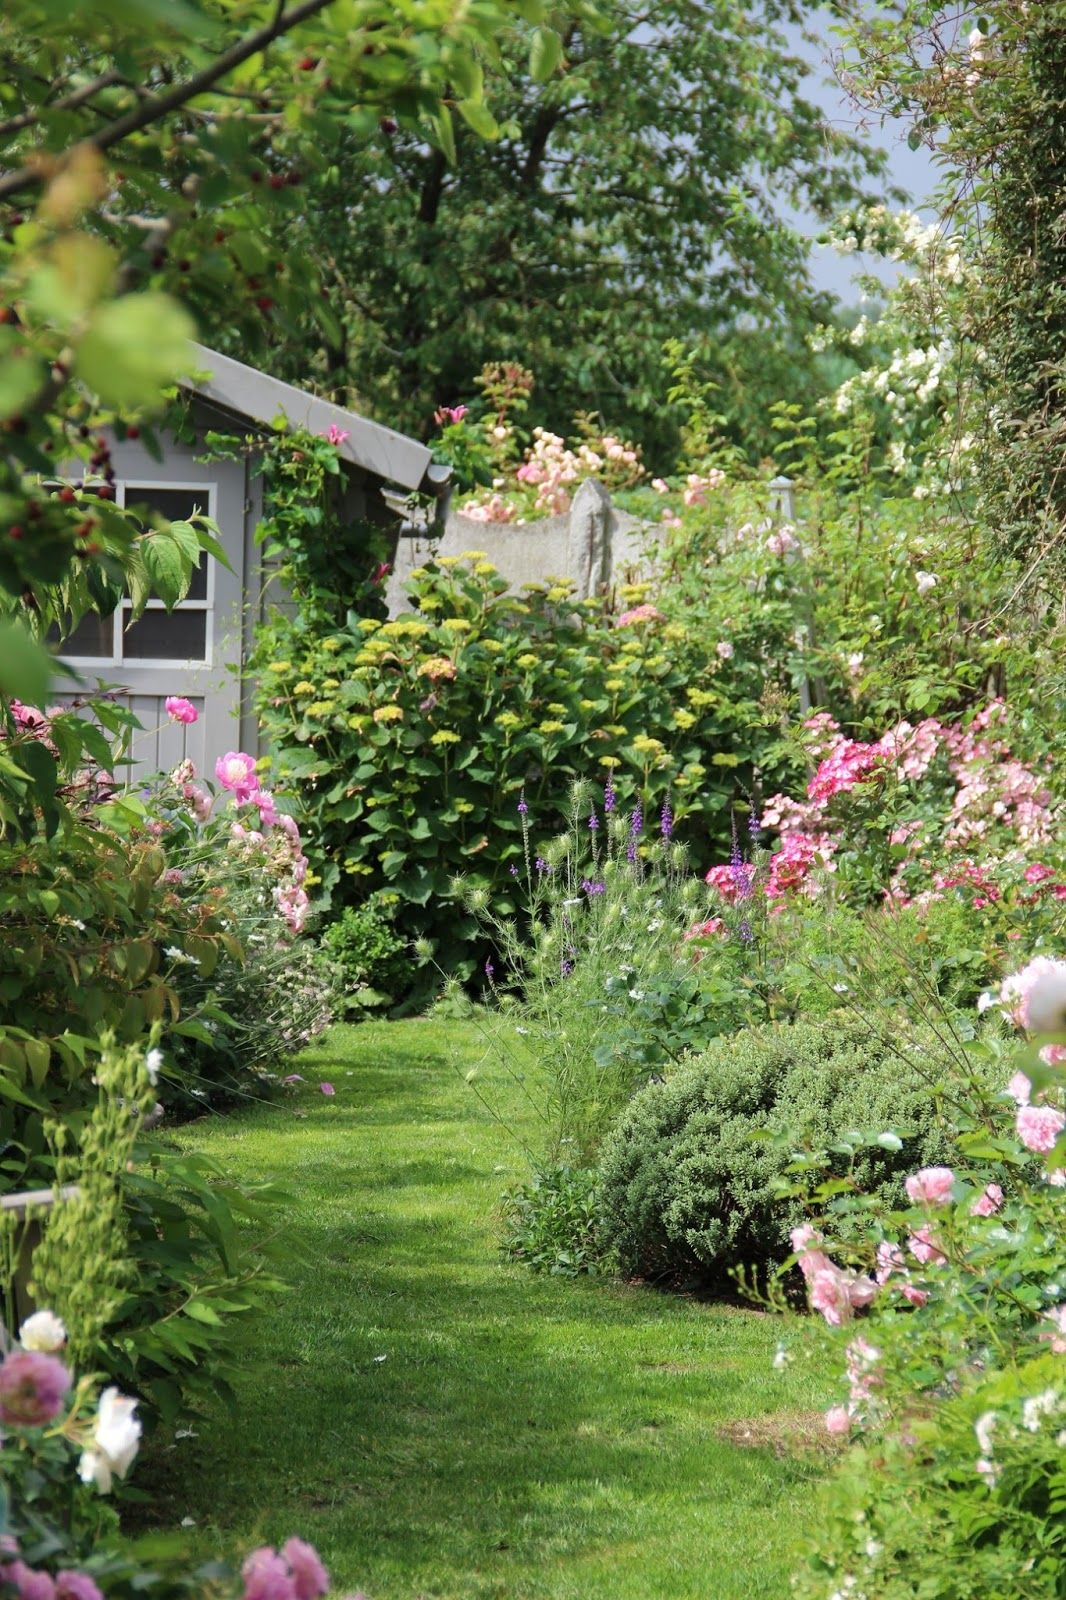 Cottage garden landscape design ideas   PLANTS THAT GARDENERS HATE  Cottage garden  Pinterest  Gardens